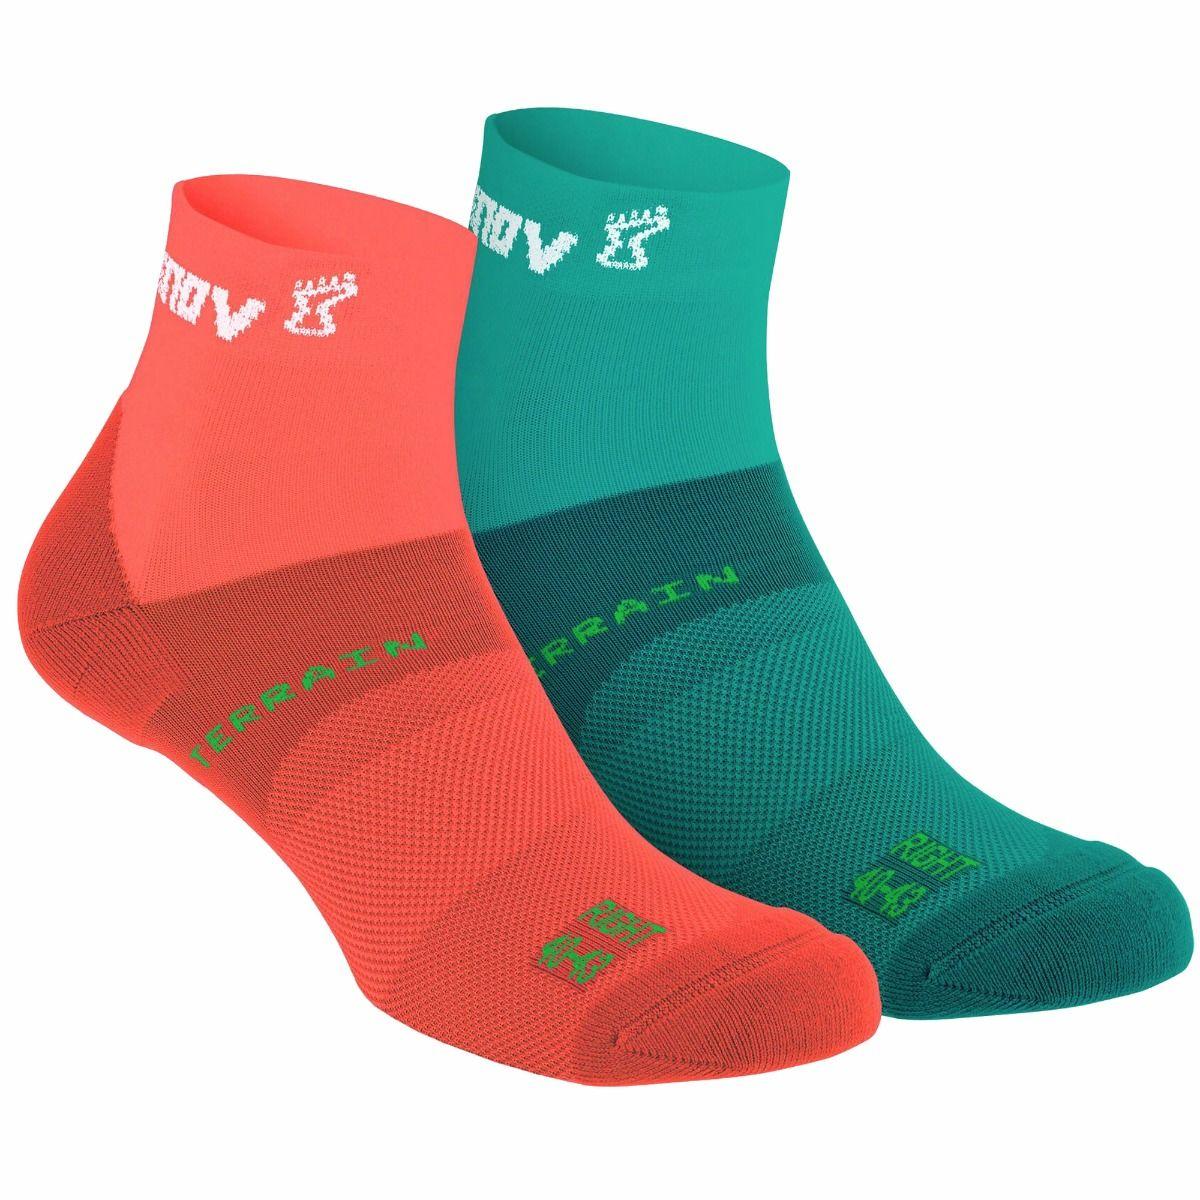 best running socks - inov-8